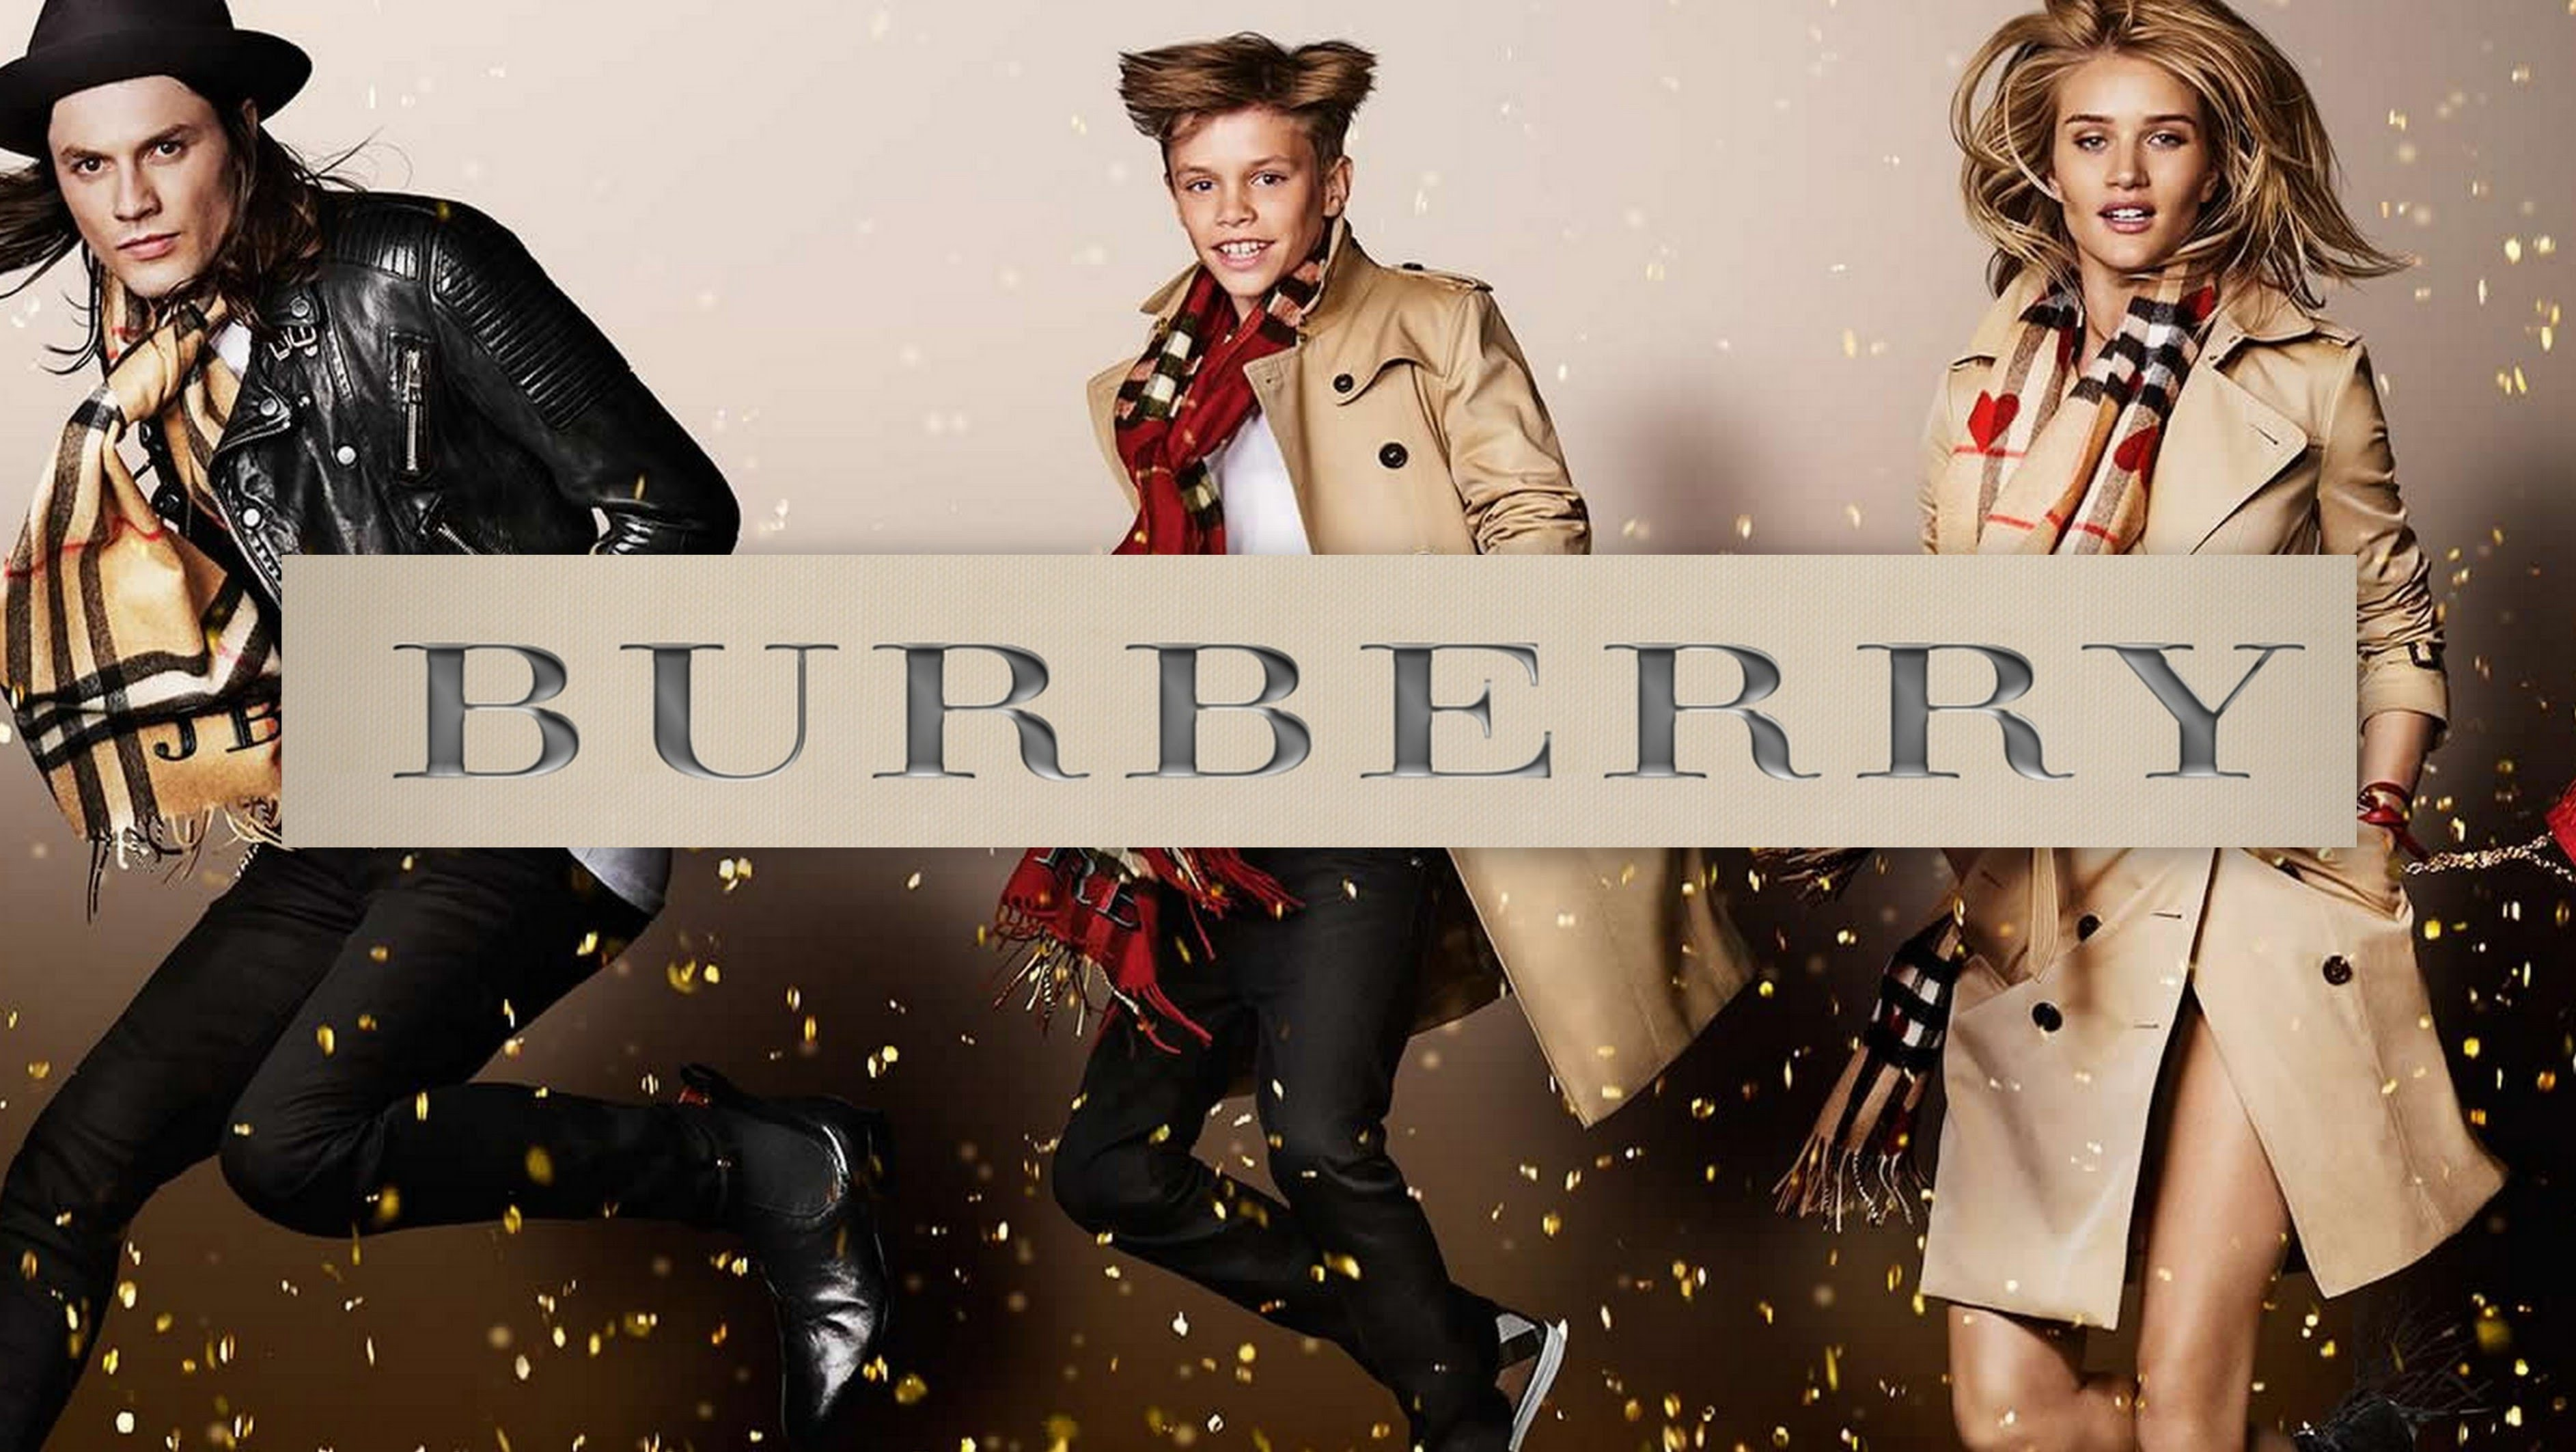 Il noto brand inglese Burberry cambia logo per la prima volta dopo vent'anni.Il monogramma segna la nuova era dettata dalla direzione di Riccardo Tisci.